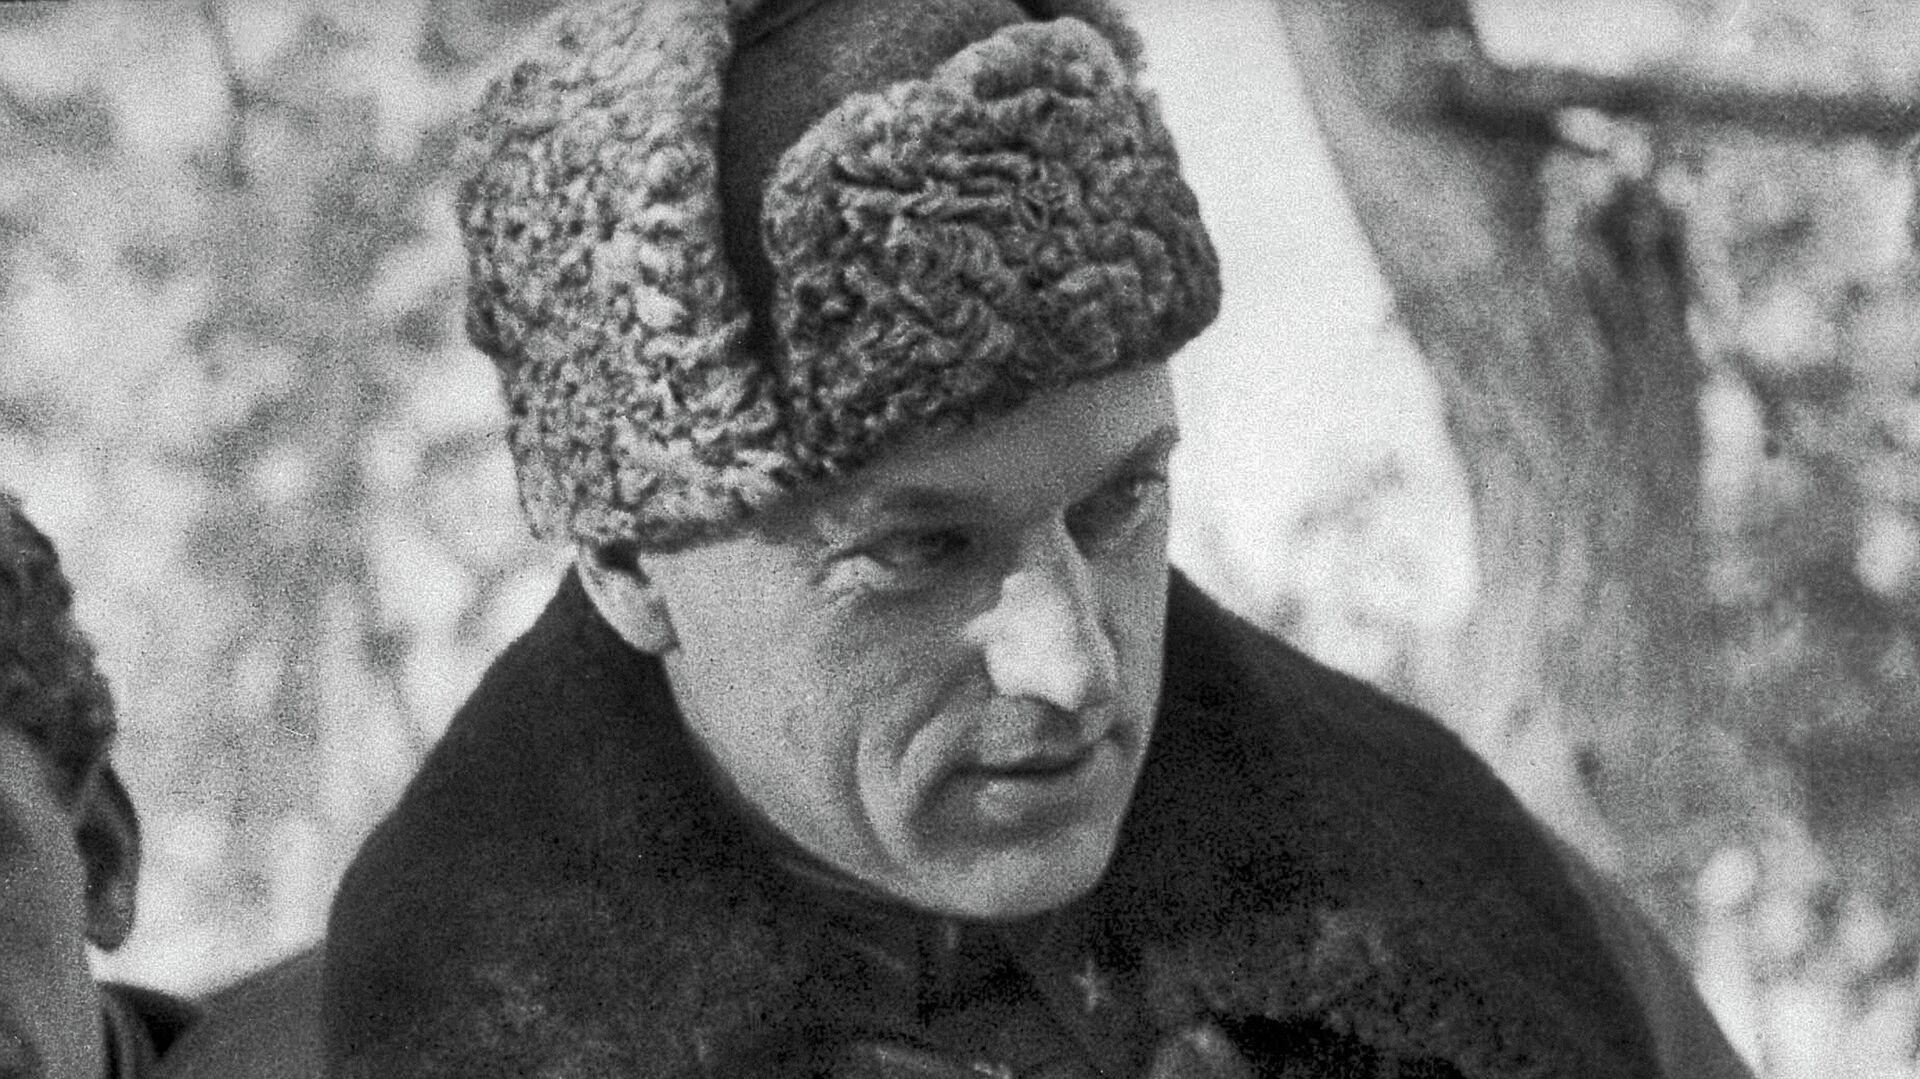 Генерал-лейтенант К.Рокоссовский в дни войны - РИА Новости, 1920, 05.05.2020